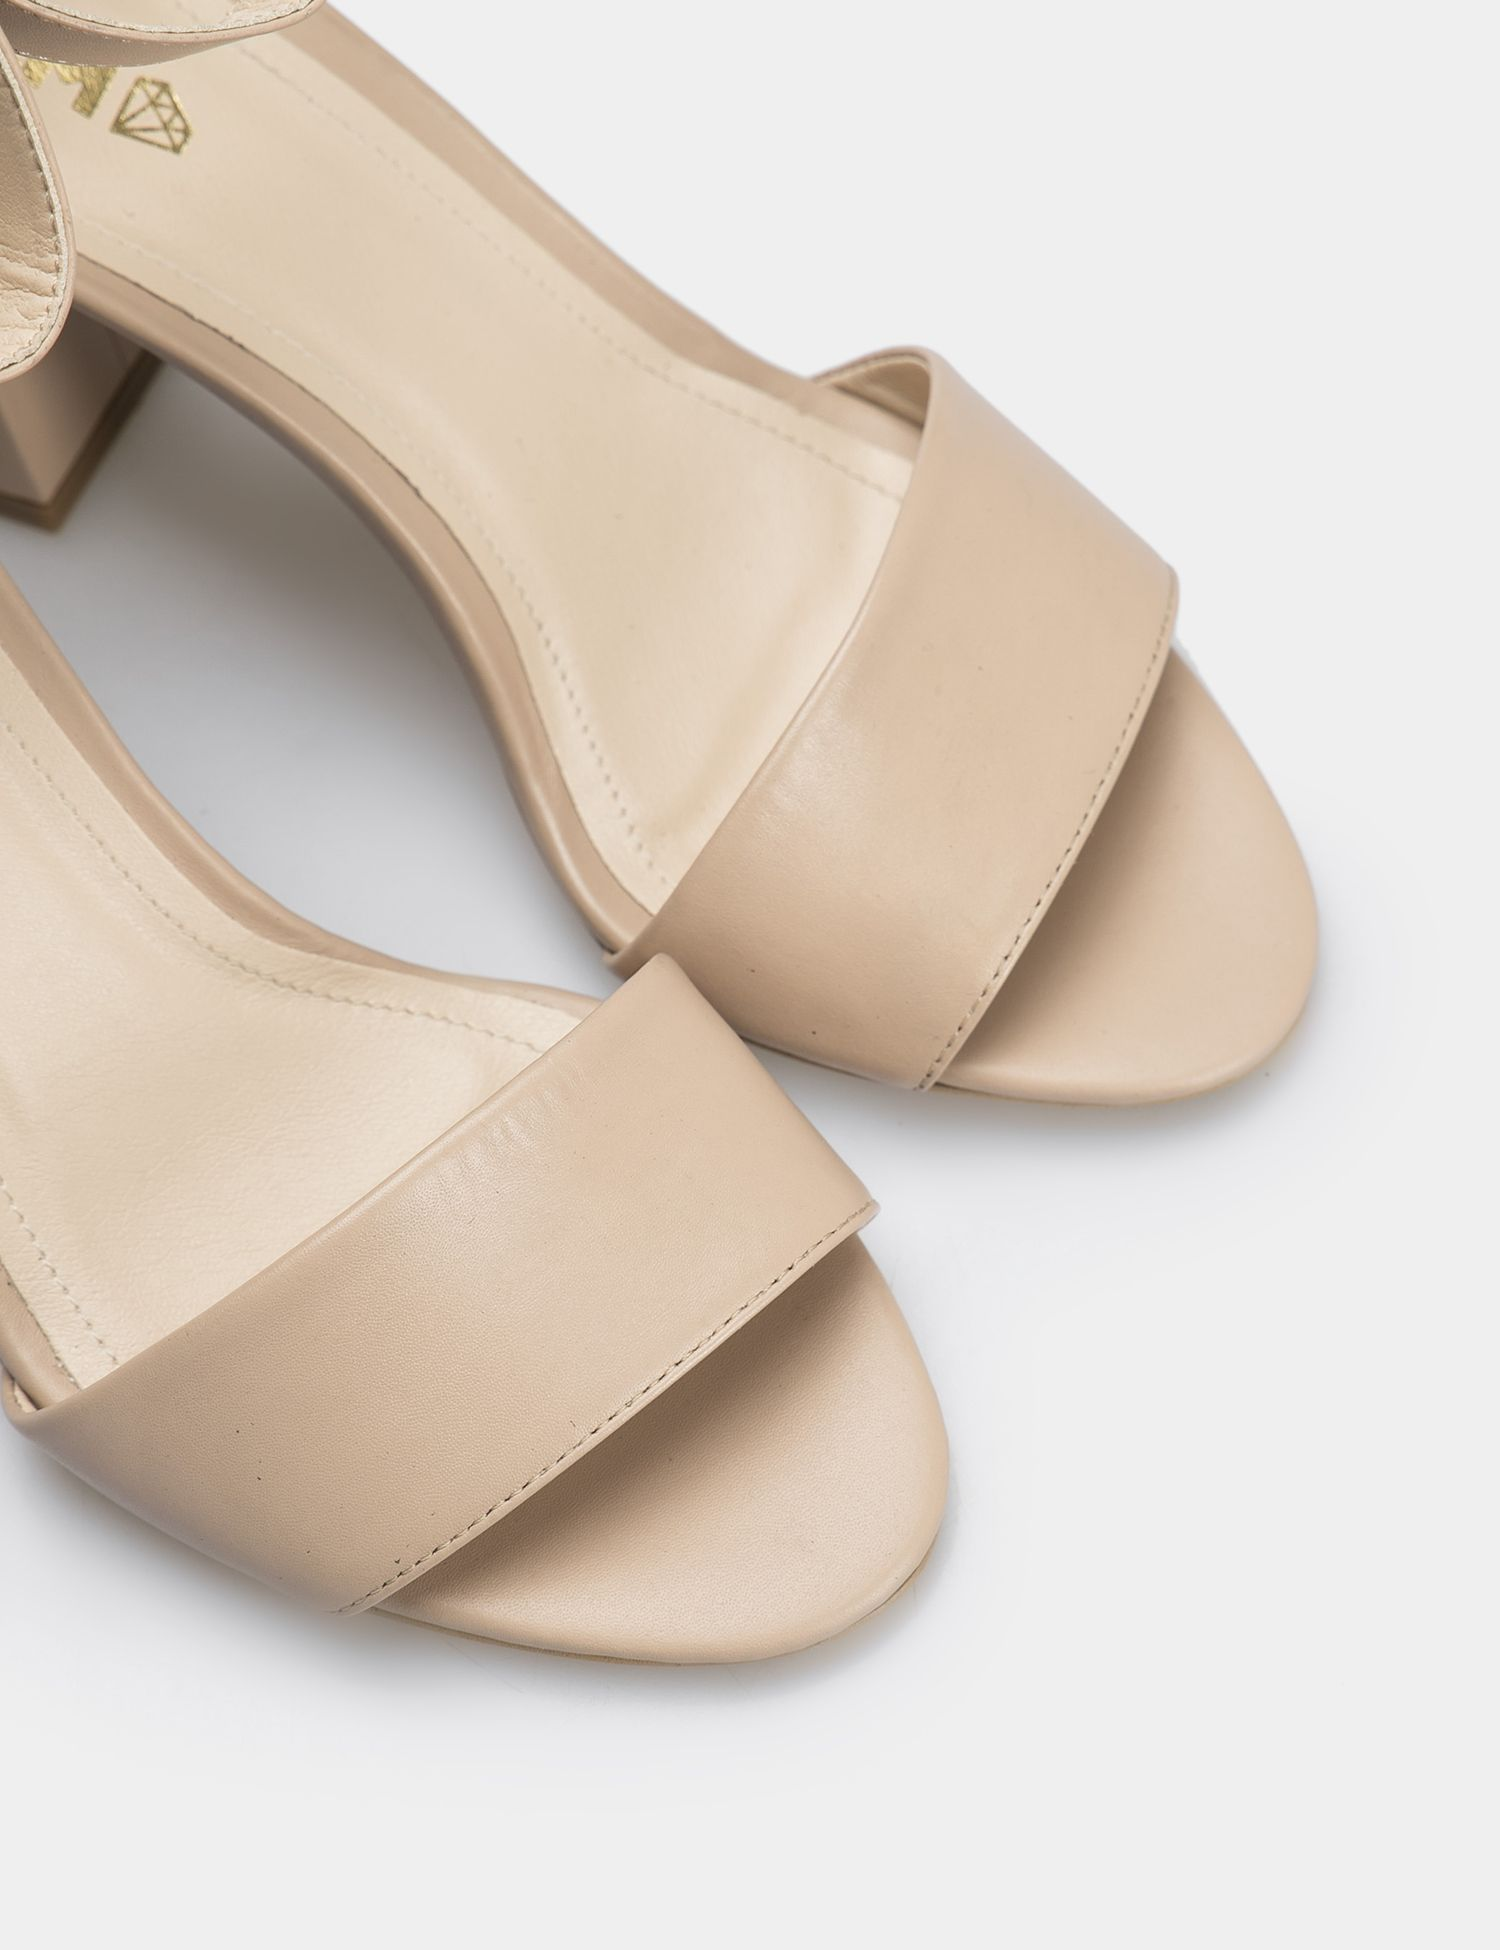 Босоножки женские Босоножки 92287448 бежевая кожа 92287448 размерная сетка обуви, 2017